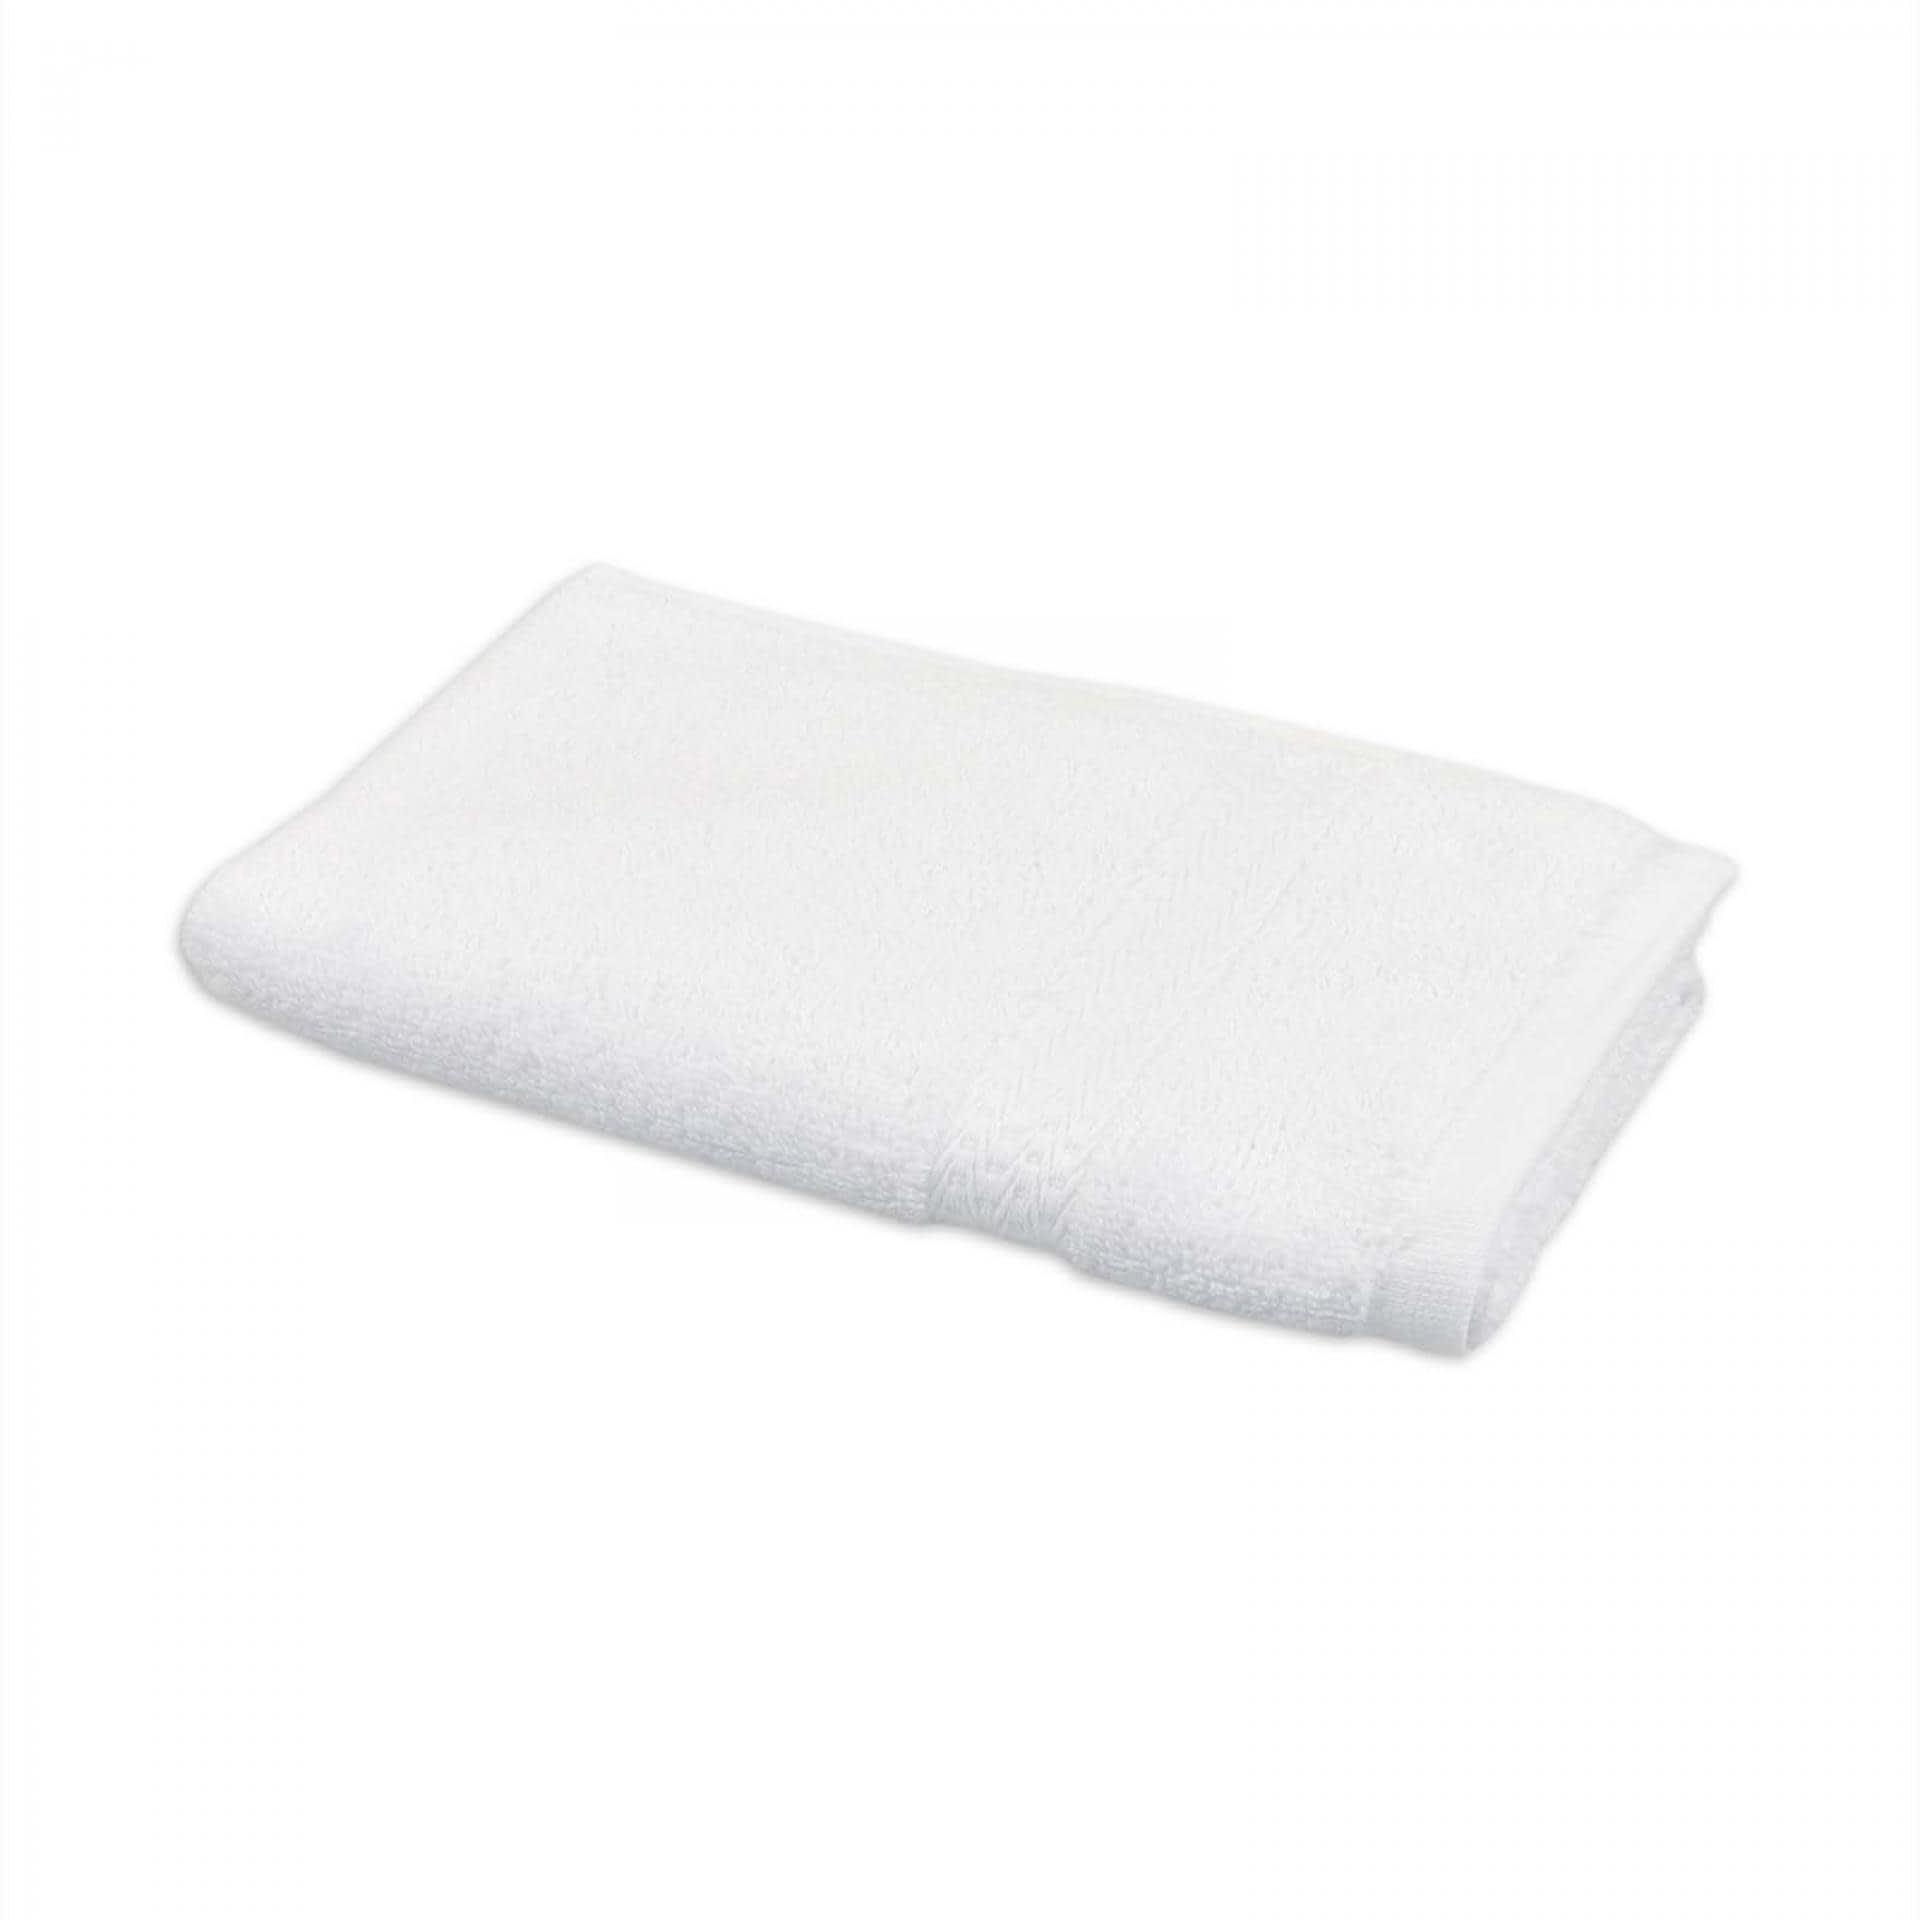 Ткани махровые полотенца - ПОЛОТЕНЦЕ МАХРОВОЕ  50х90 БЕЛЫЙ